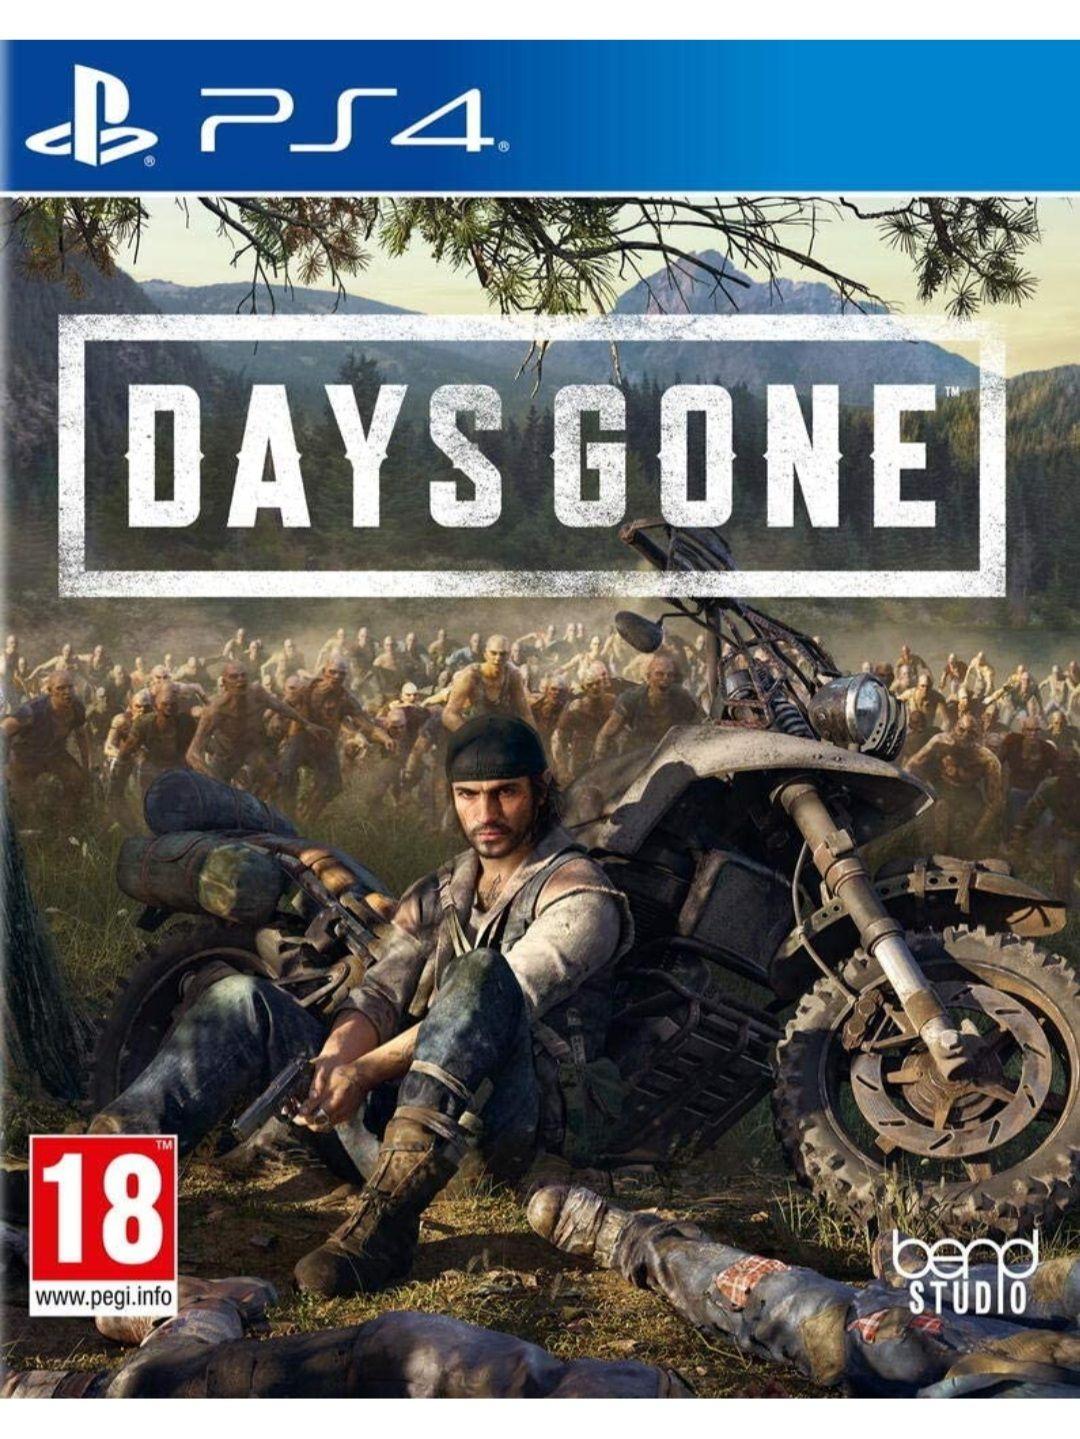 Days Gone - PS4 (Mediamarkt y Game)